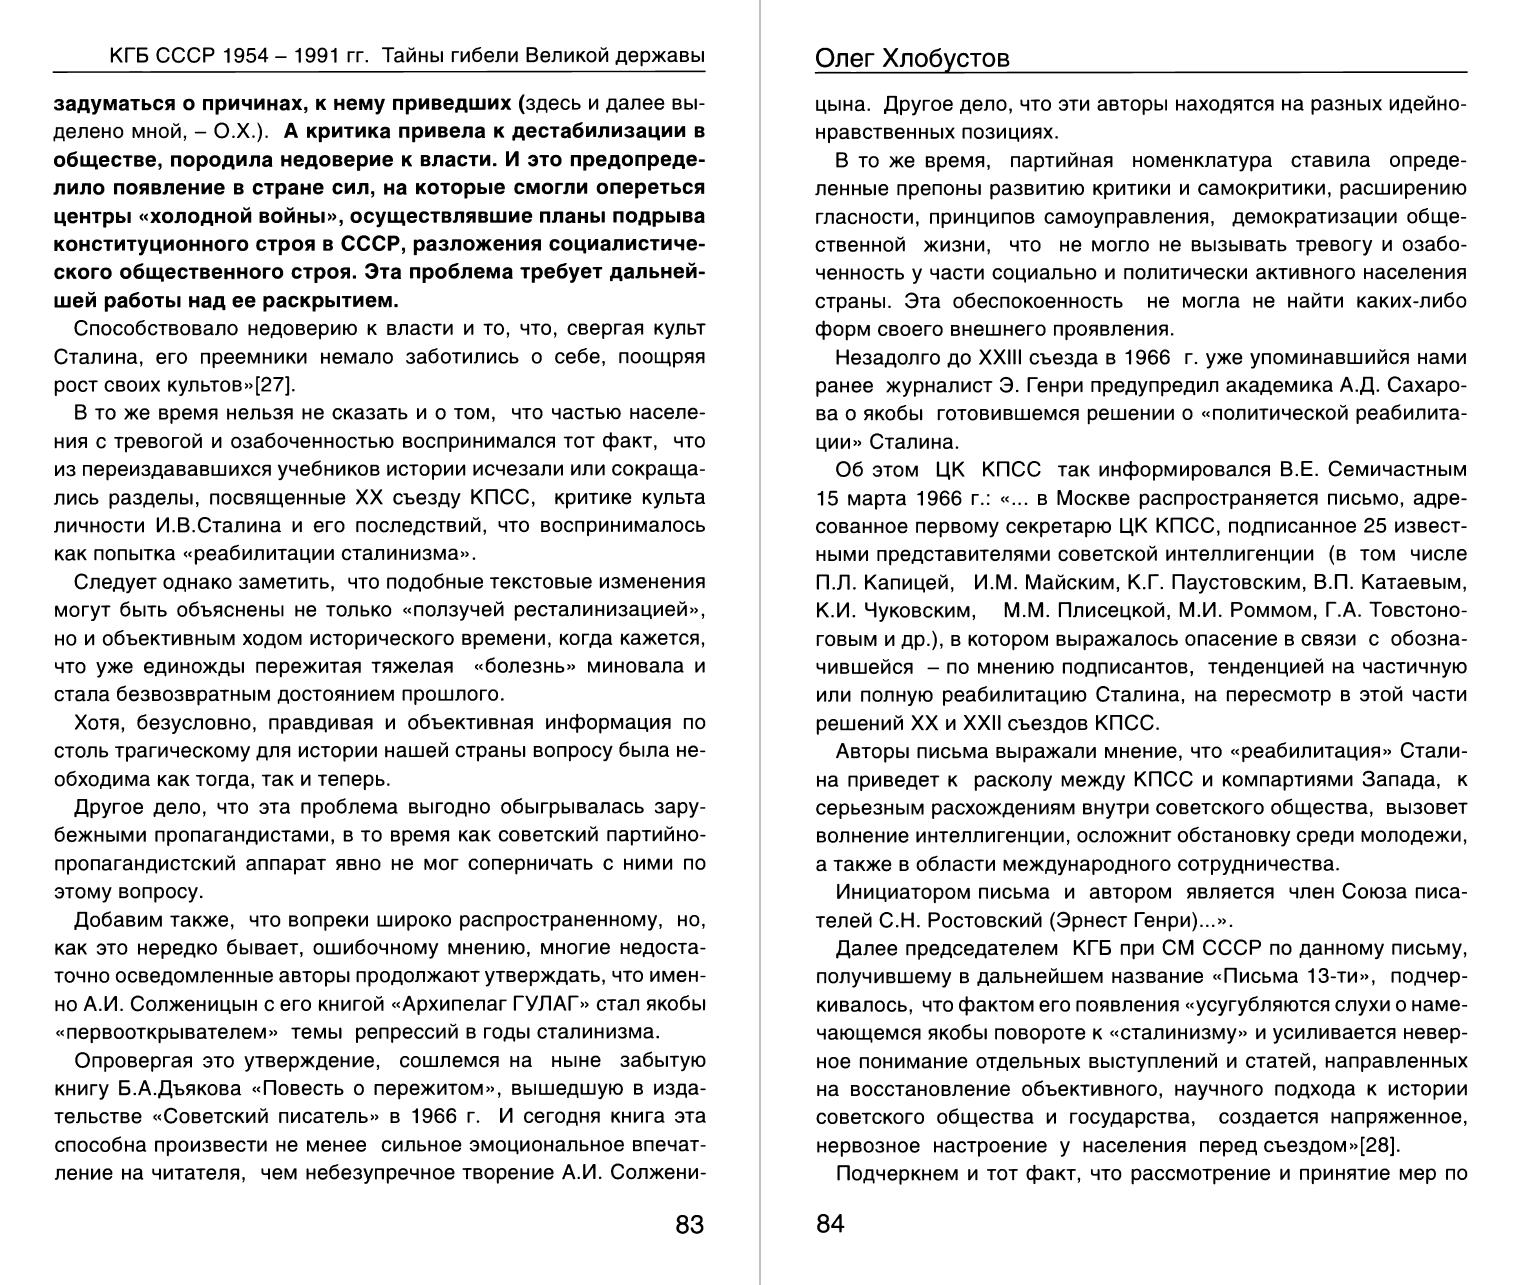 Хлобустов-с.83-84